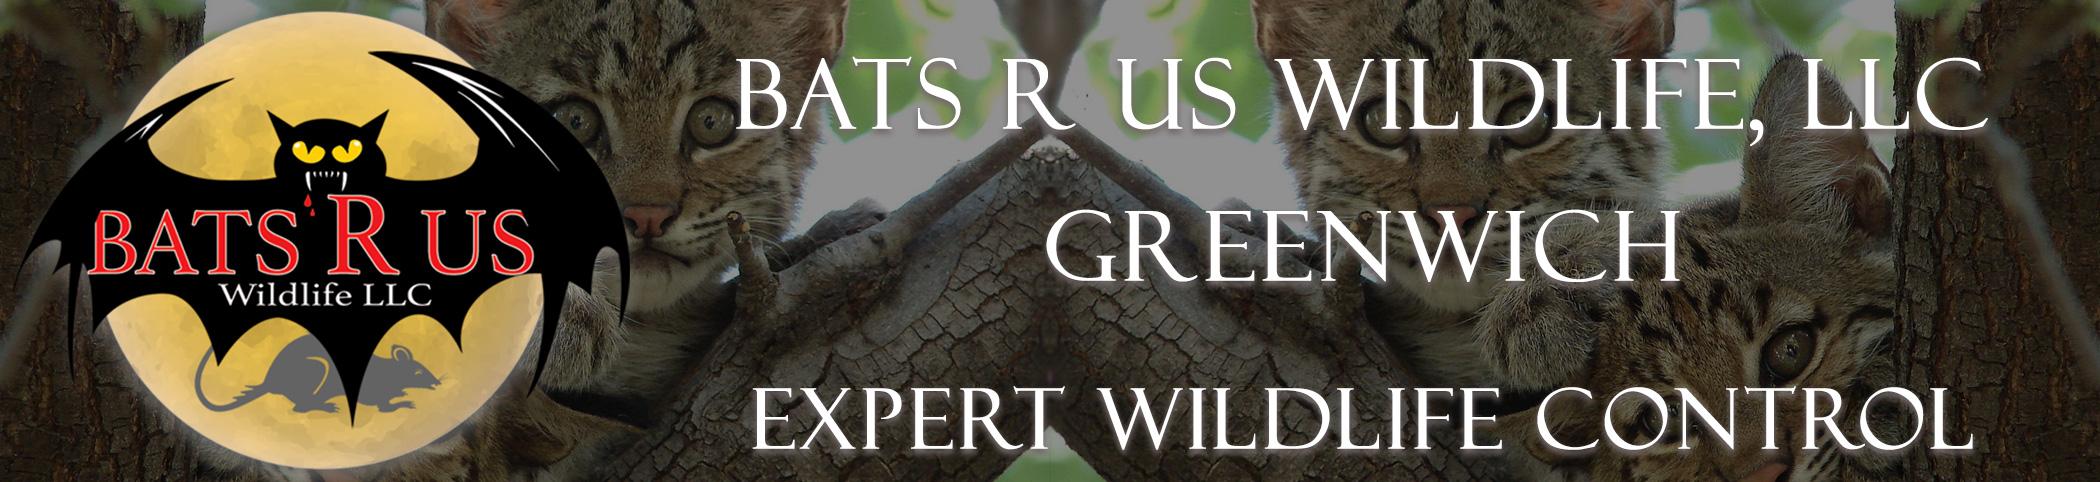 Bats R Us Wildlife LLC Greenwich Connecticut